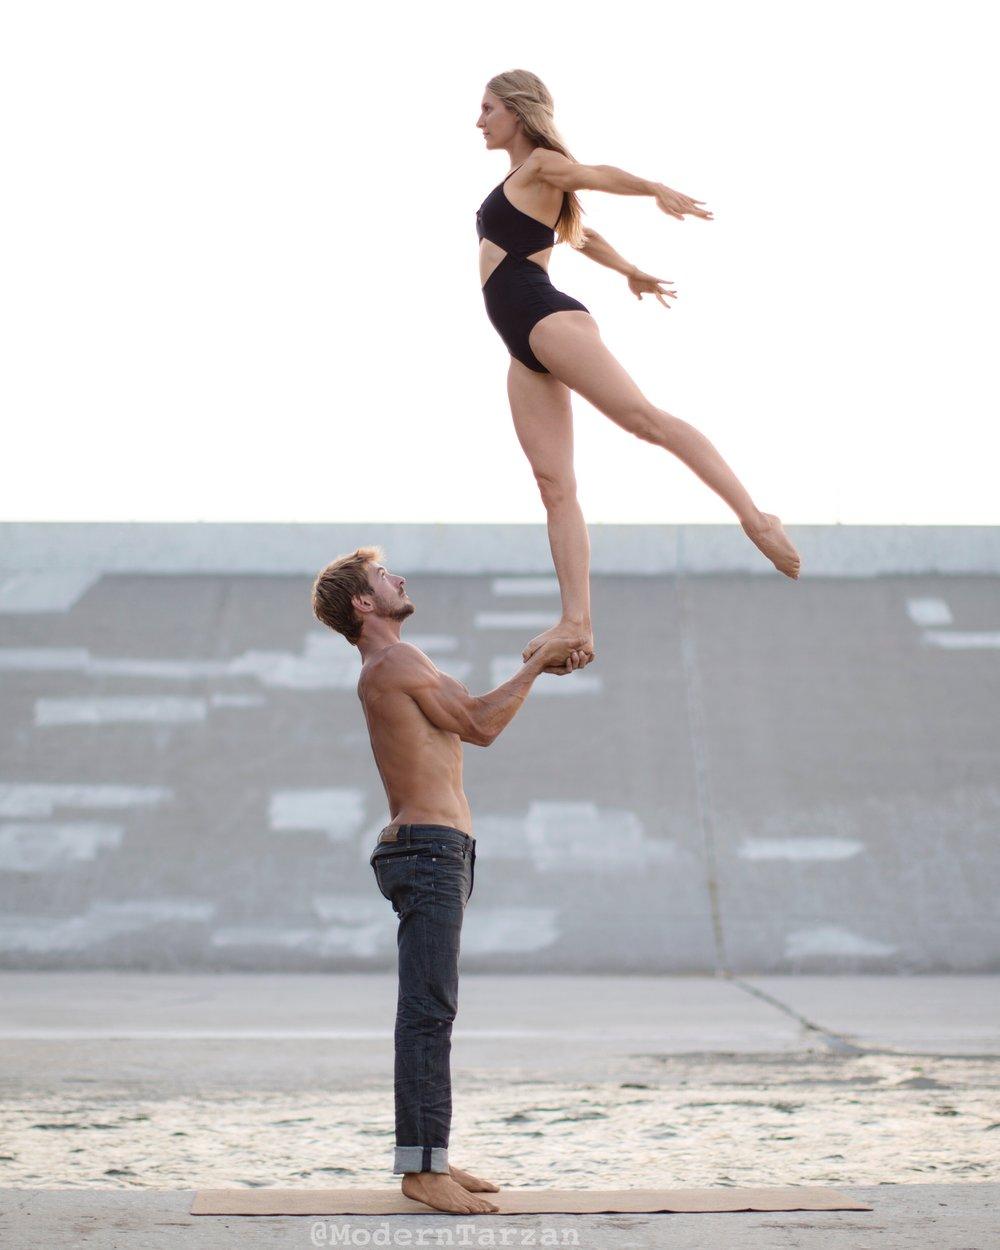 Acro yoga acroyoga moderntarzan.JPG